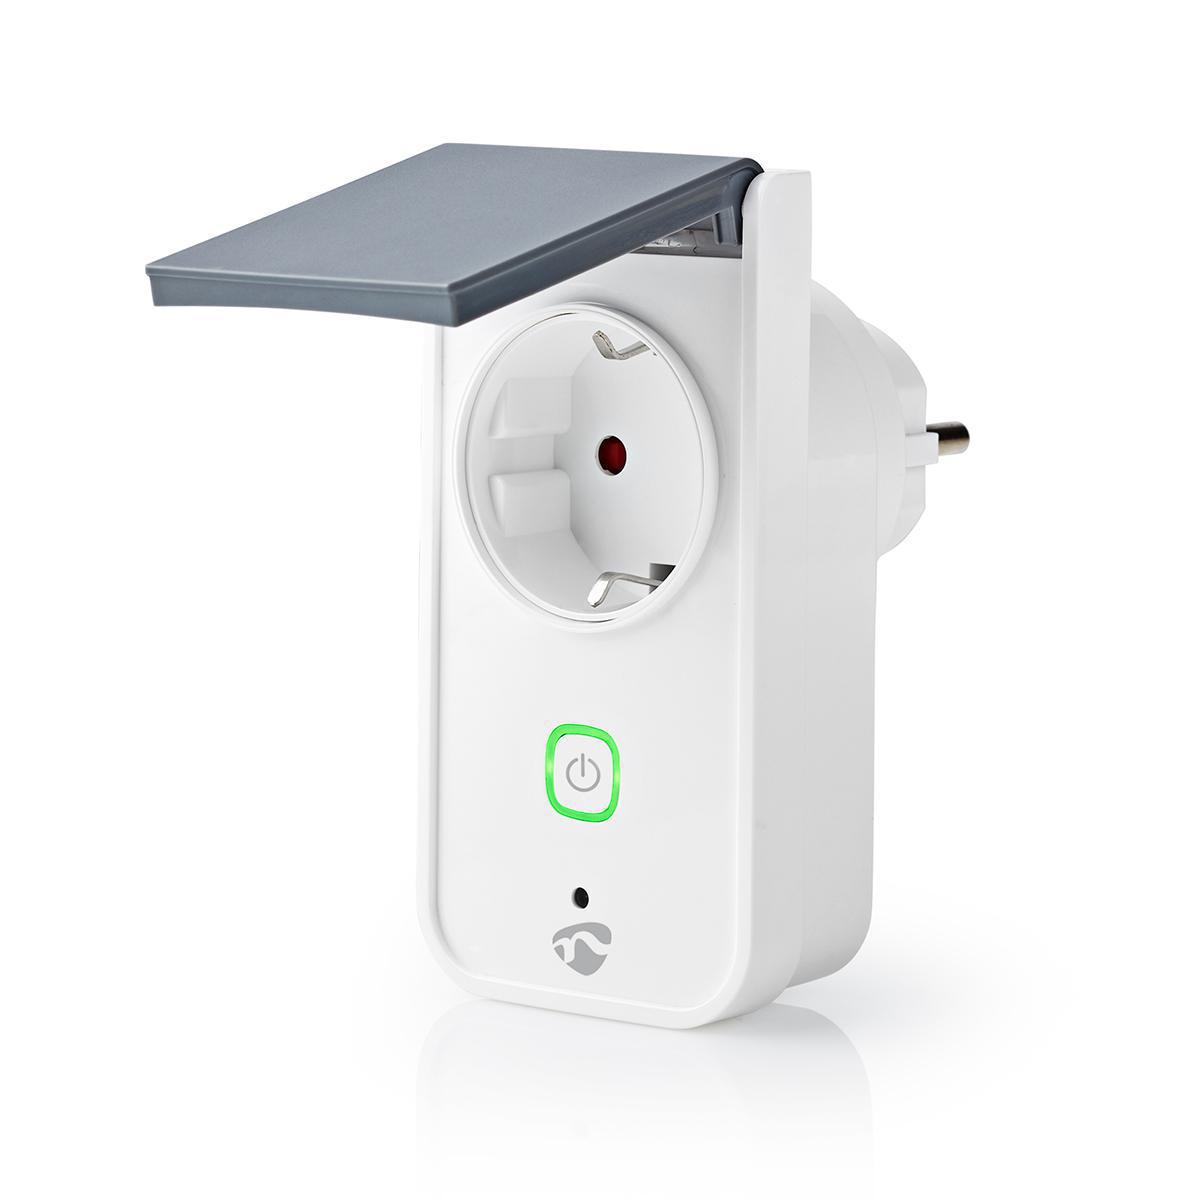 Slimme stekker voor buiten Wi-Fi IP44 spatwaterdicht - zijaanzicht